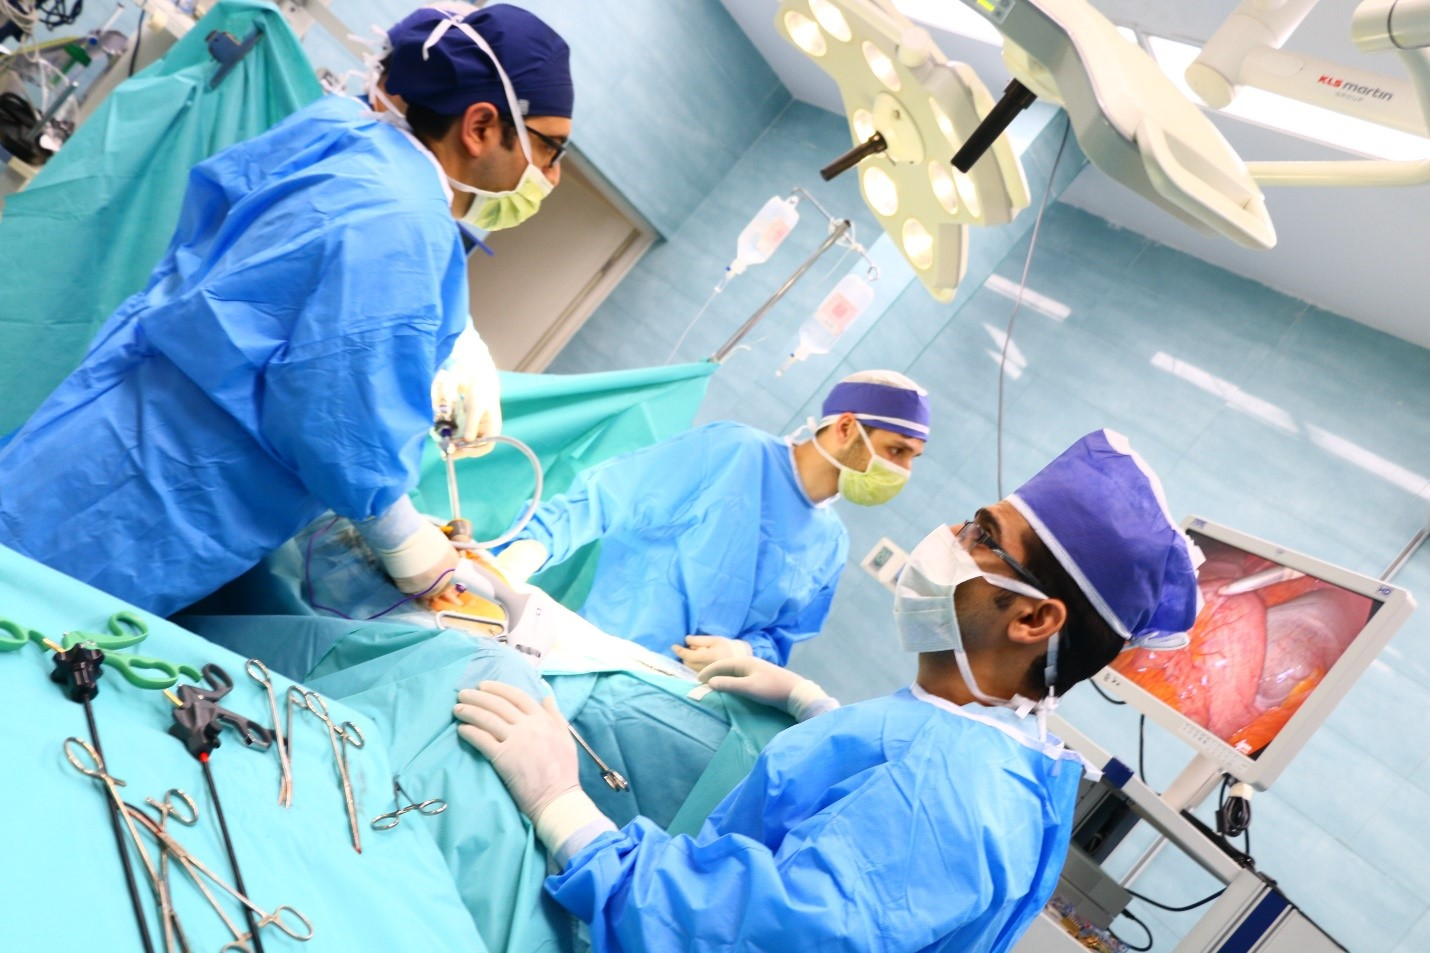 جراحی های دستگاه گوارش به روش لاپاروسکوپی